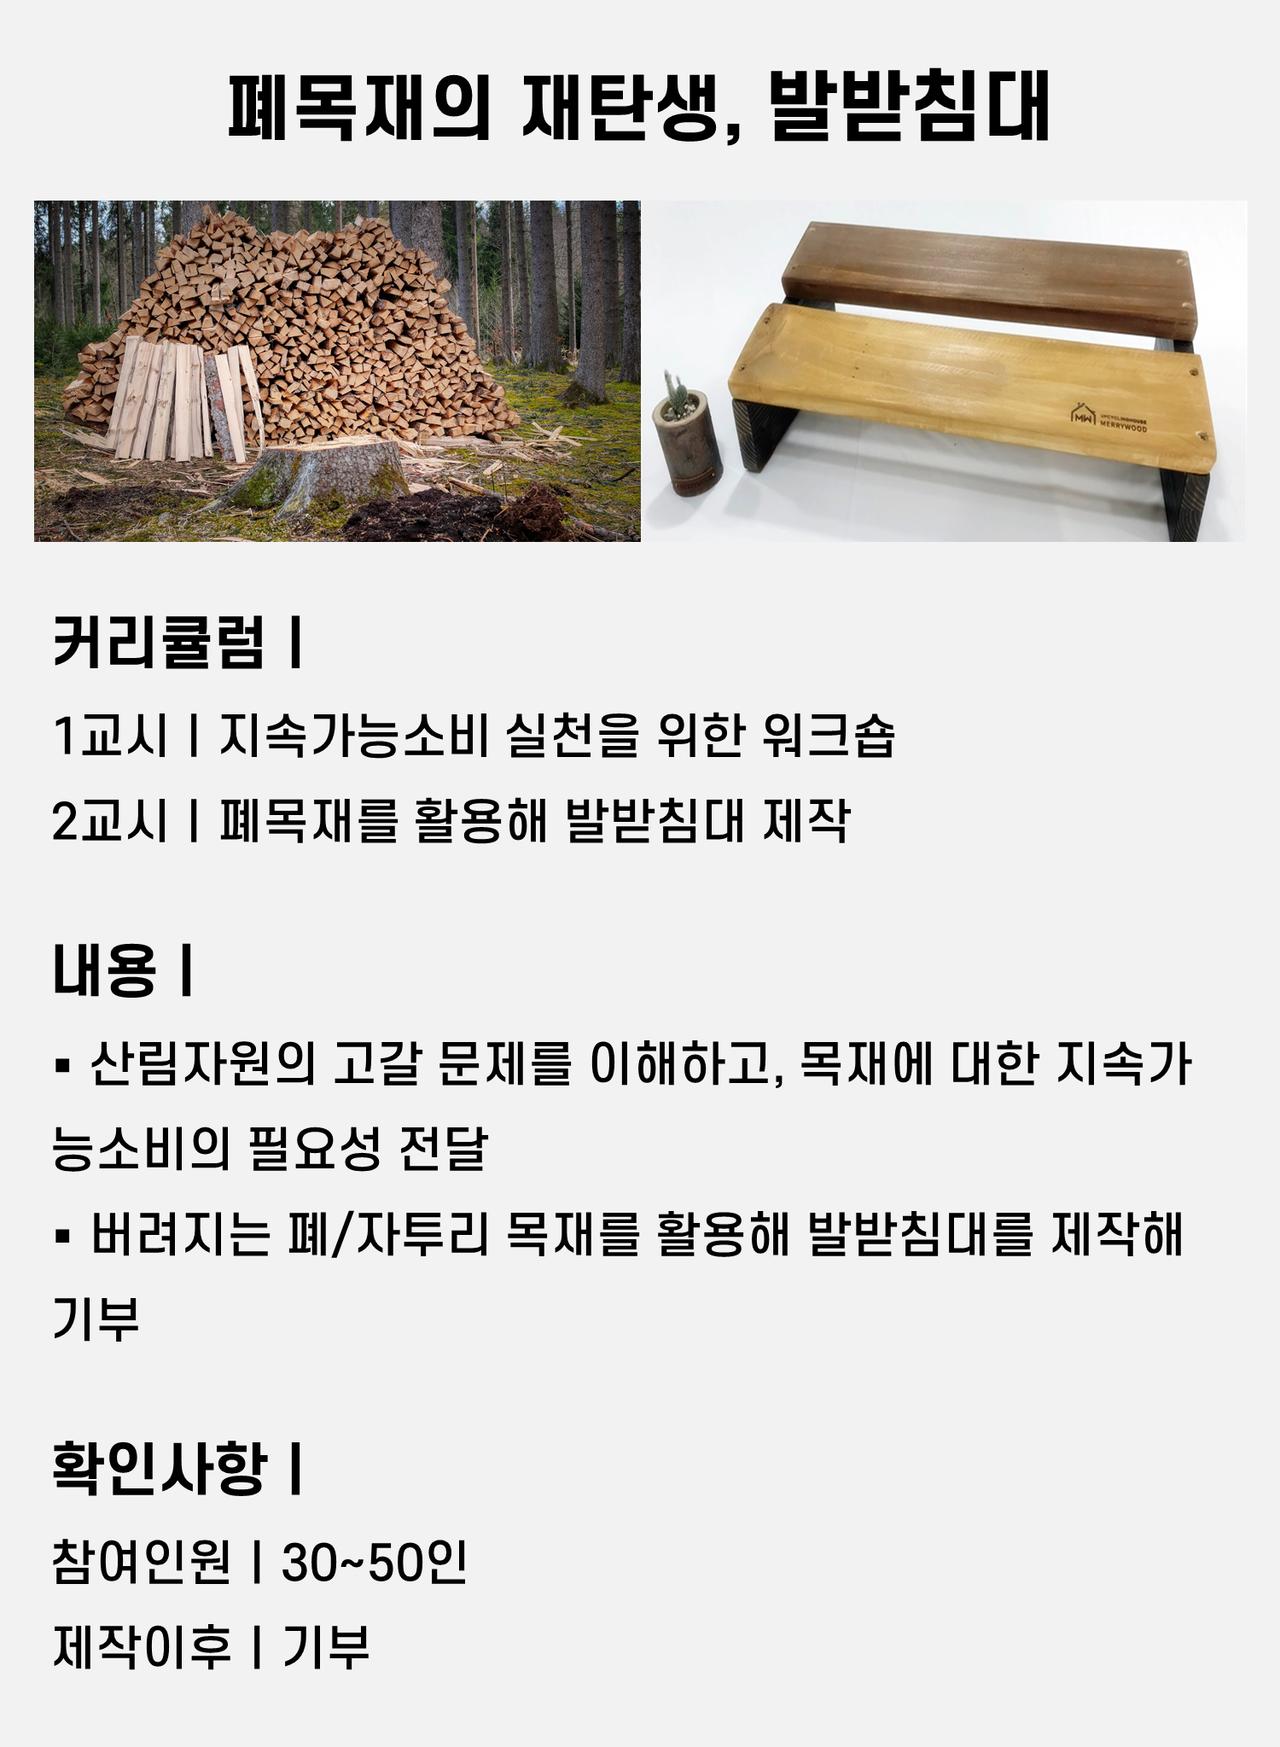 자원순환 업사이클링 새활용 목공 폐목재 비대면봉사활동 키트봉사